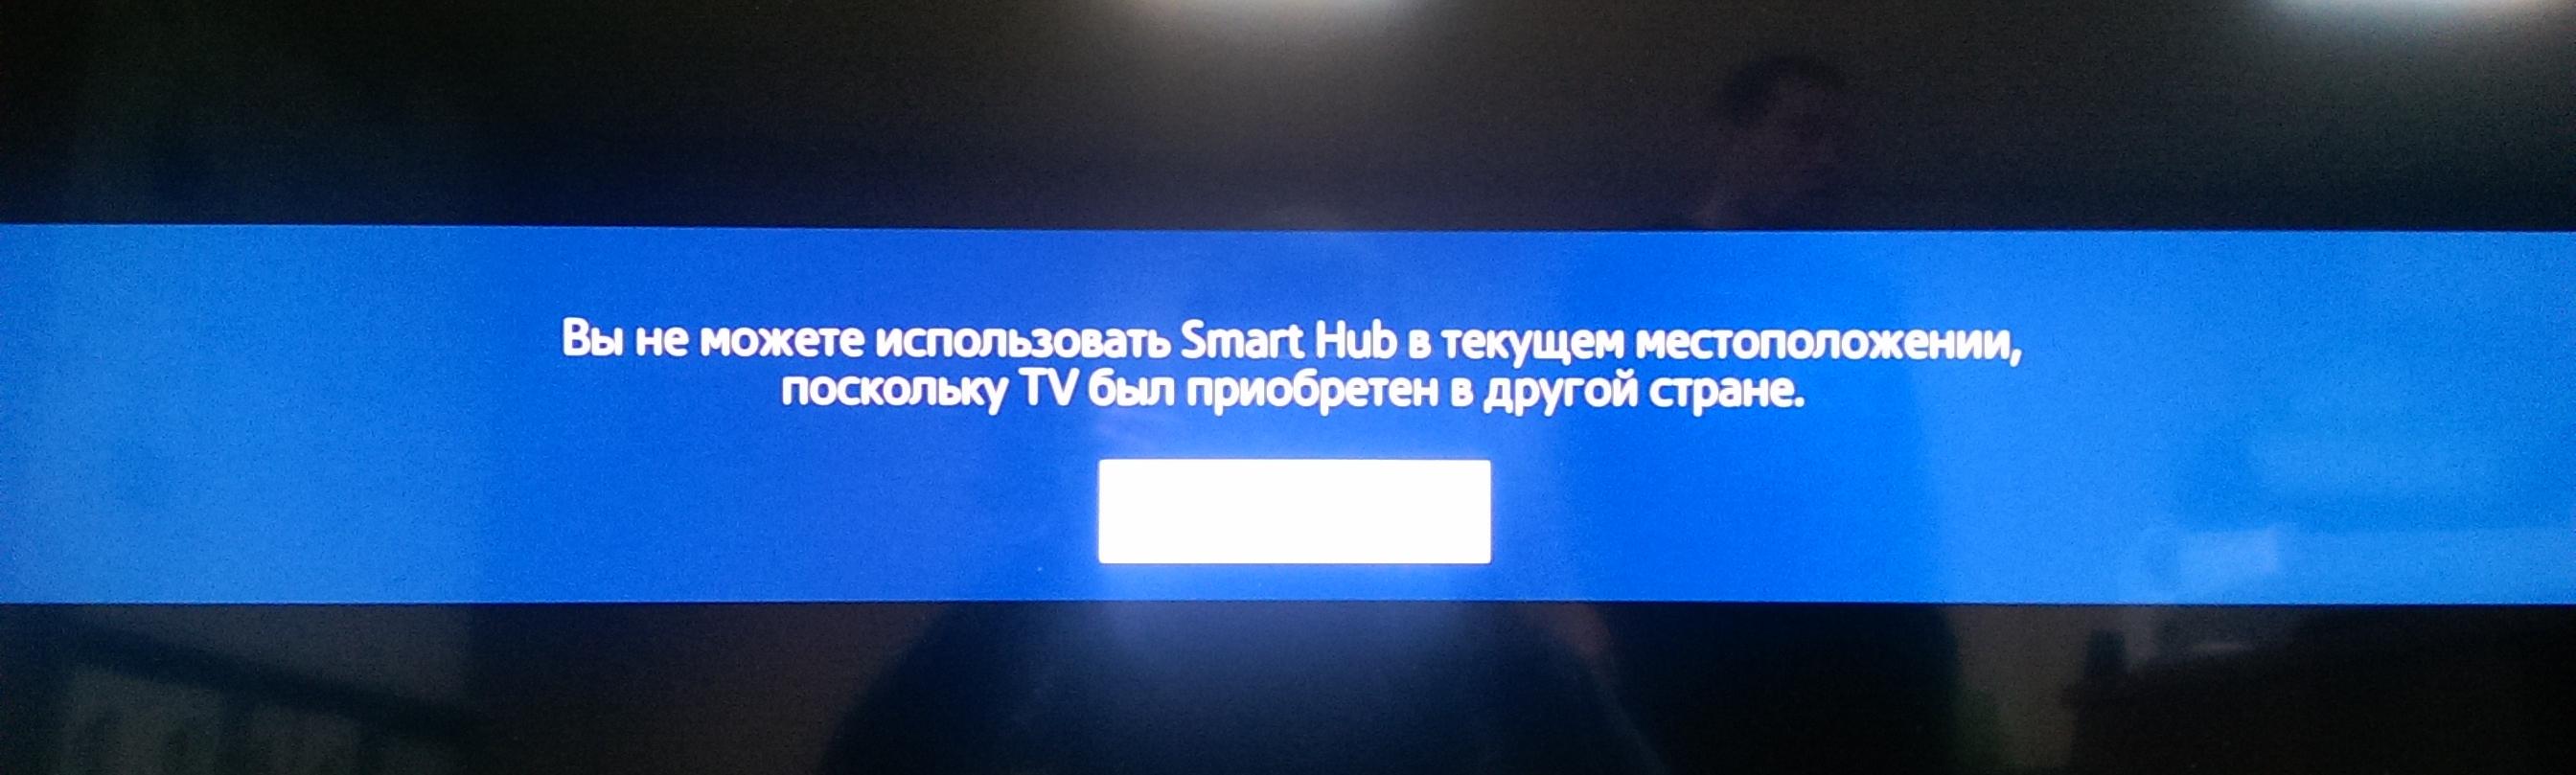 Вы не можете использовать Smart Hub в текущем местоположении, поскольку TV был приобретен в другой стране.